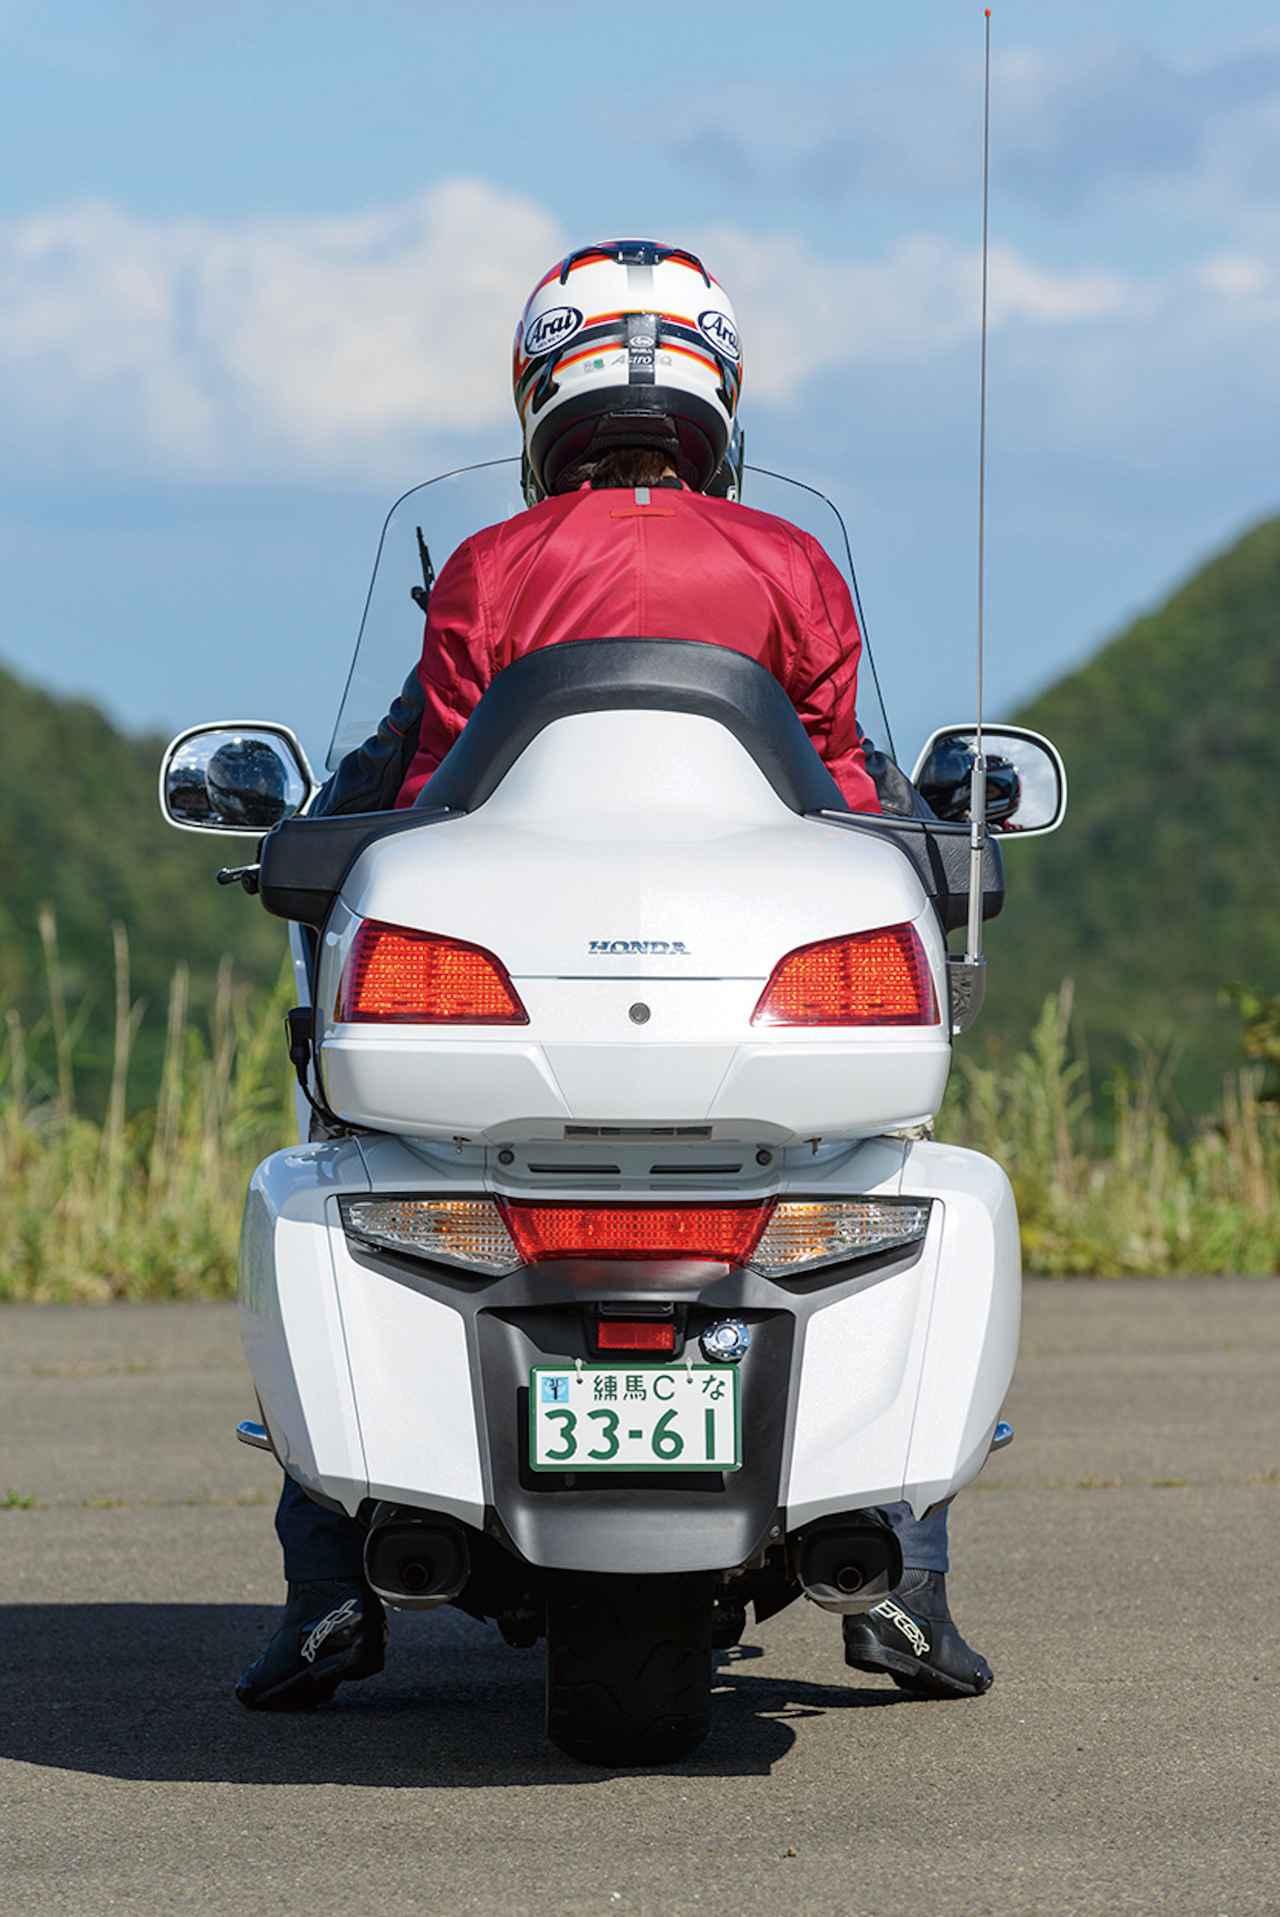 画像: タンデムシートにはバックレストとサイドサポートが装備されており、すっぽりと覆われるような座り心地は快適のひとこと。ステップボードも広く、ロングツーリングもドンと来いの安心感と居住性を誇る。伊藤さん曰く「パッセンジャーがいても乗り心地が全然変わらないので、乗ってるのか乗っていないのかわからないくらい」。パッセンジャーの顔周りは多少風を受けるが、シートヒーターのおかげで冬場も寒さを感じないで済む。